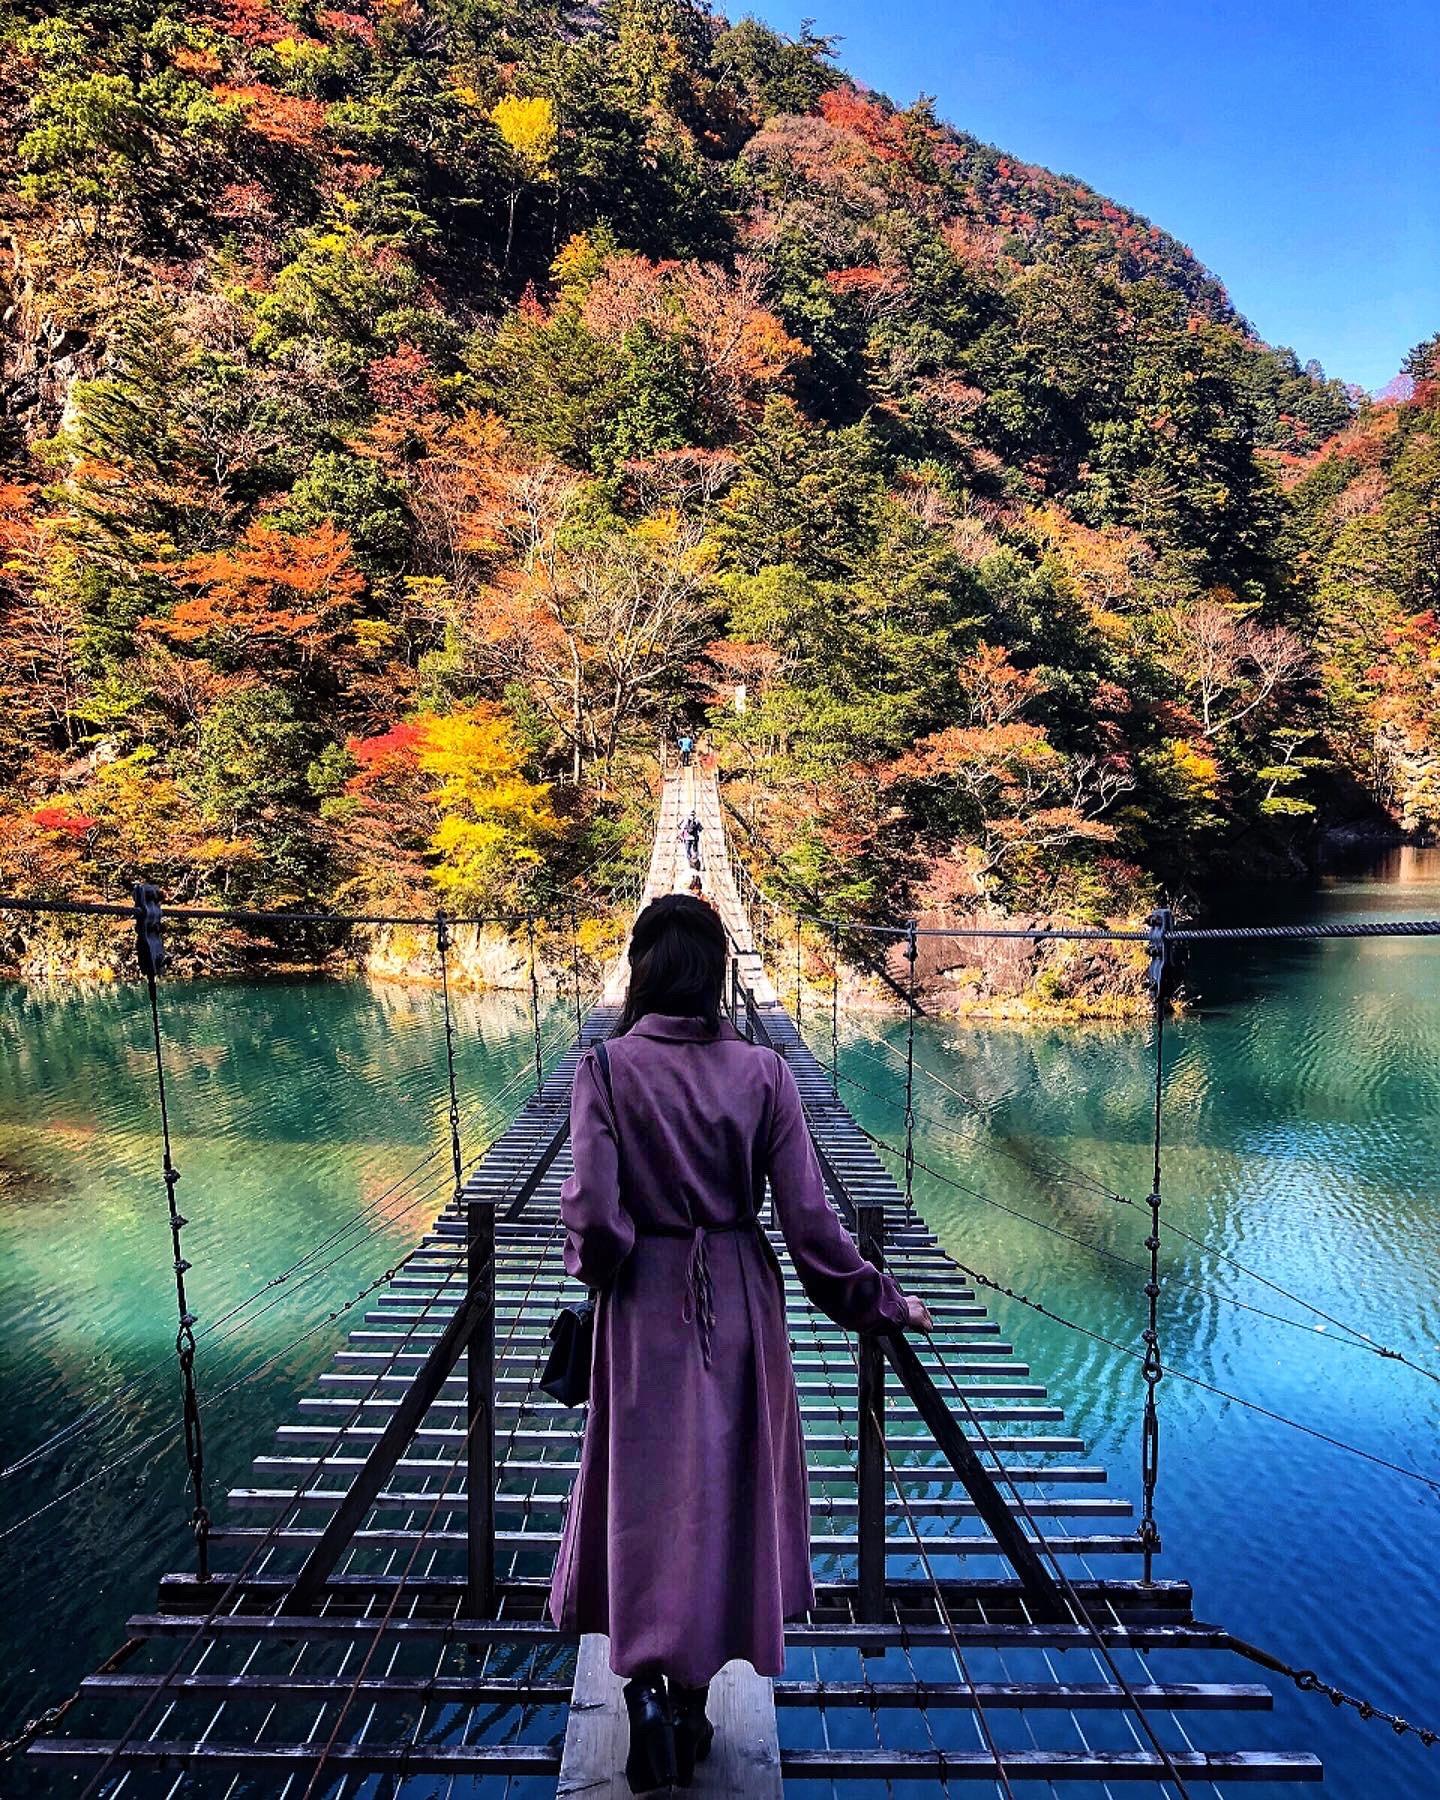 【#静岡】《夢の吊り橋×秋・紅葉》美しすぎるミルキーブルーの湖と紅葉のコントラストにうっとり♡湖上の吊り橋で空中散歩気分˚✧₊_8